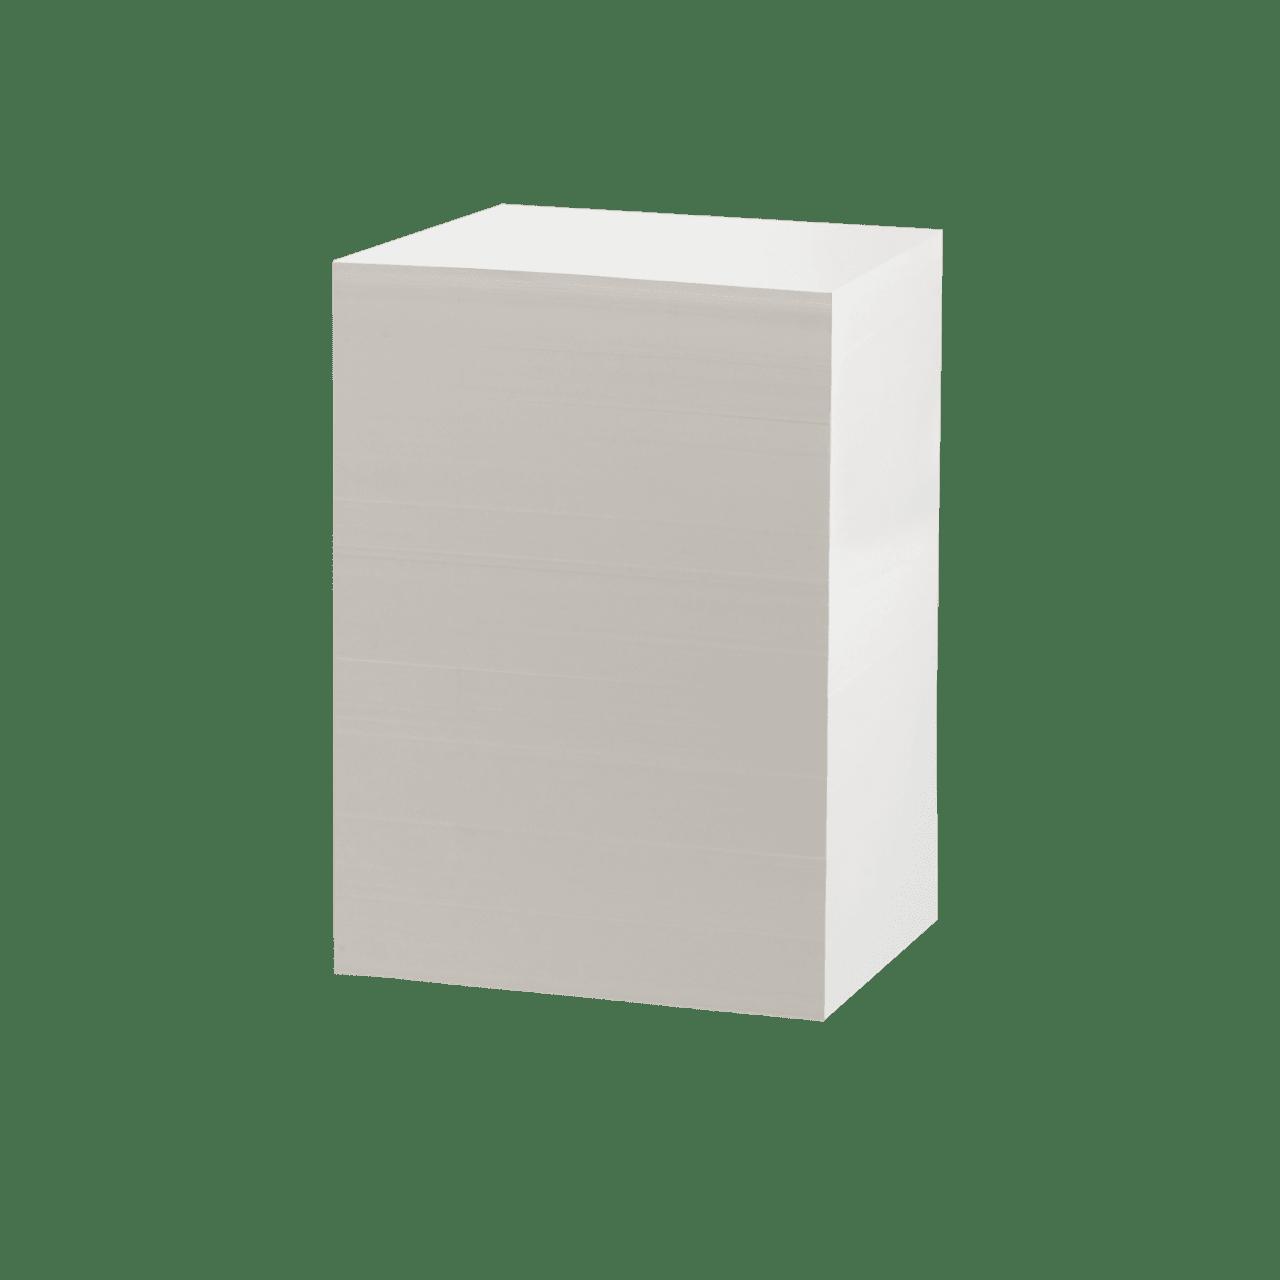 Munken Cube